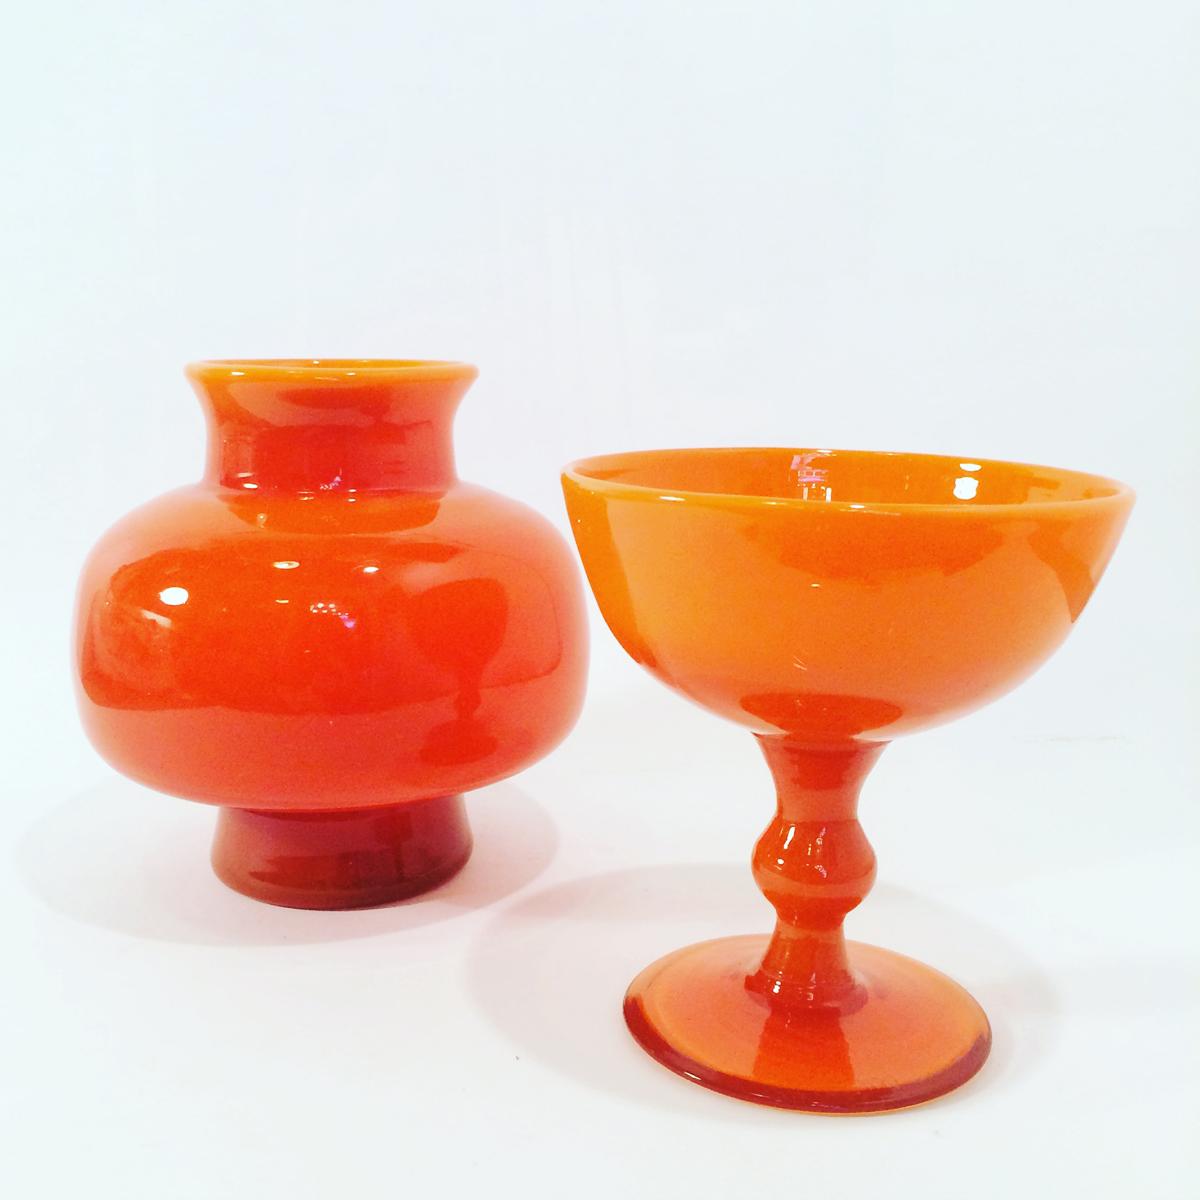 FABRIKEN_orangeglas_EHoglund